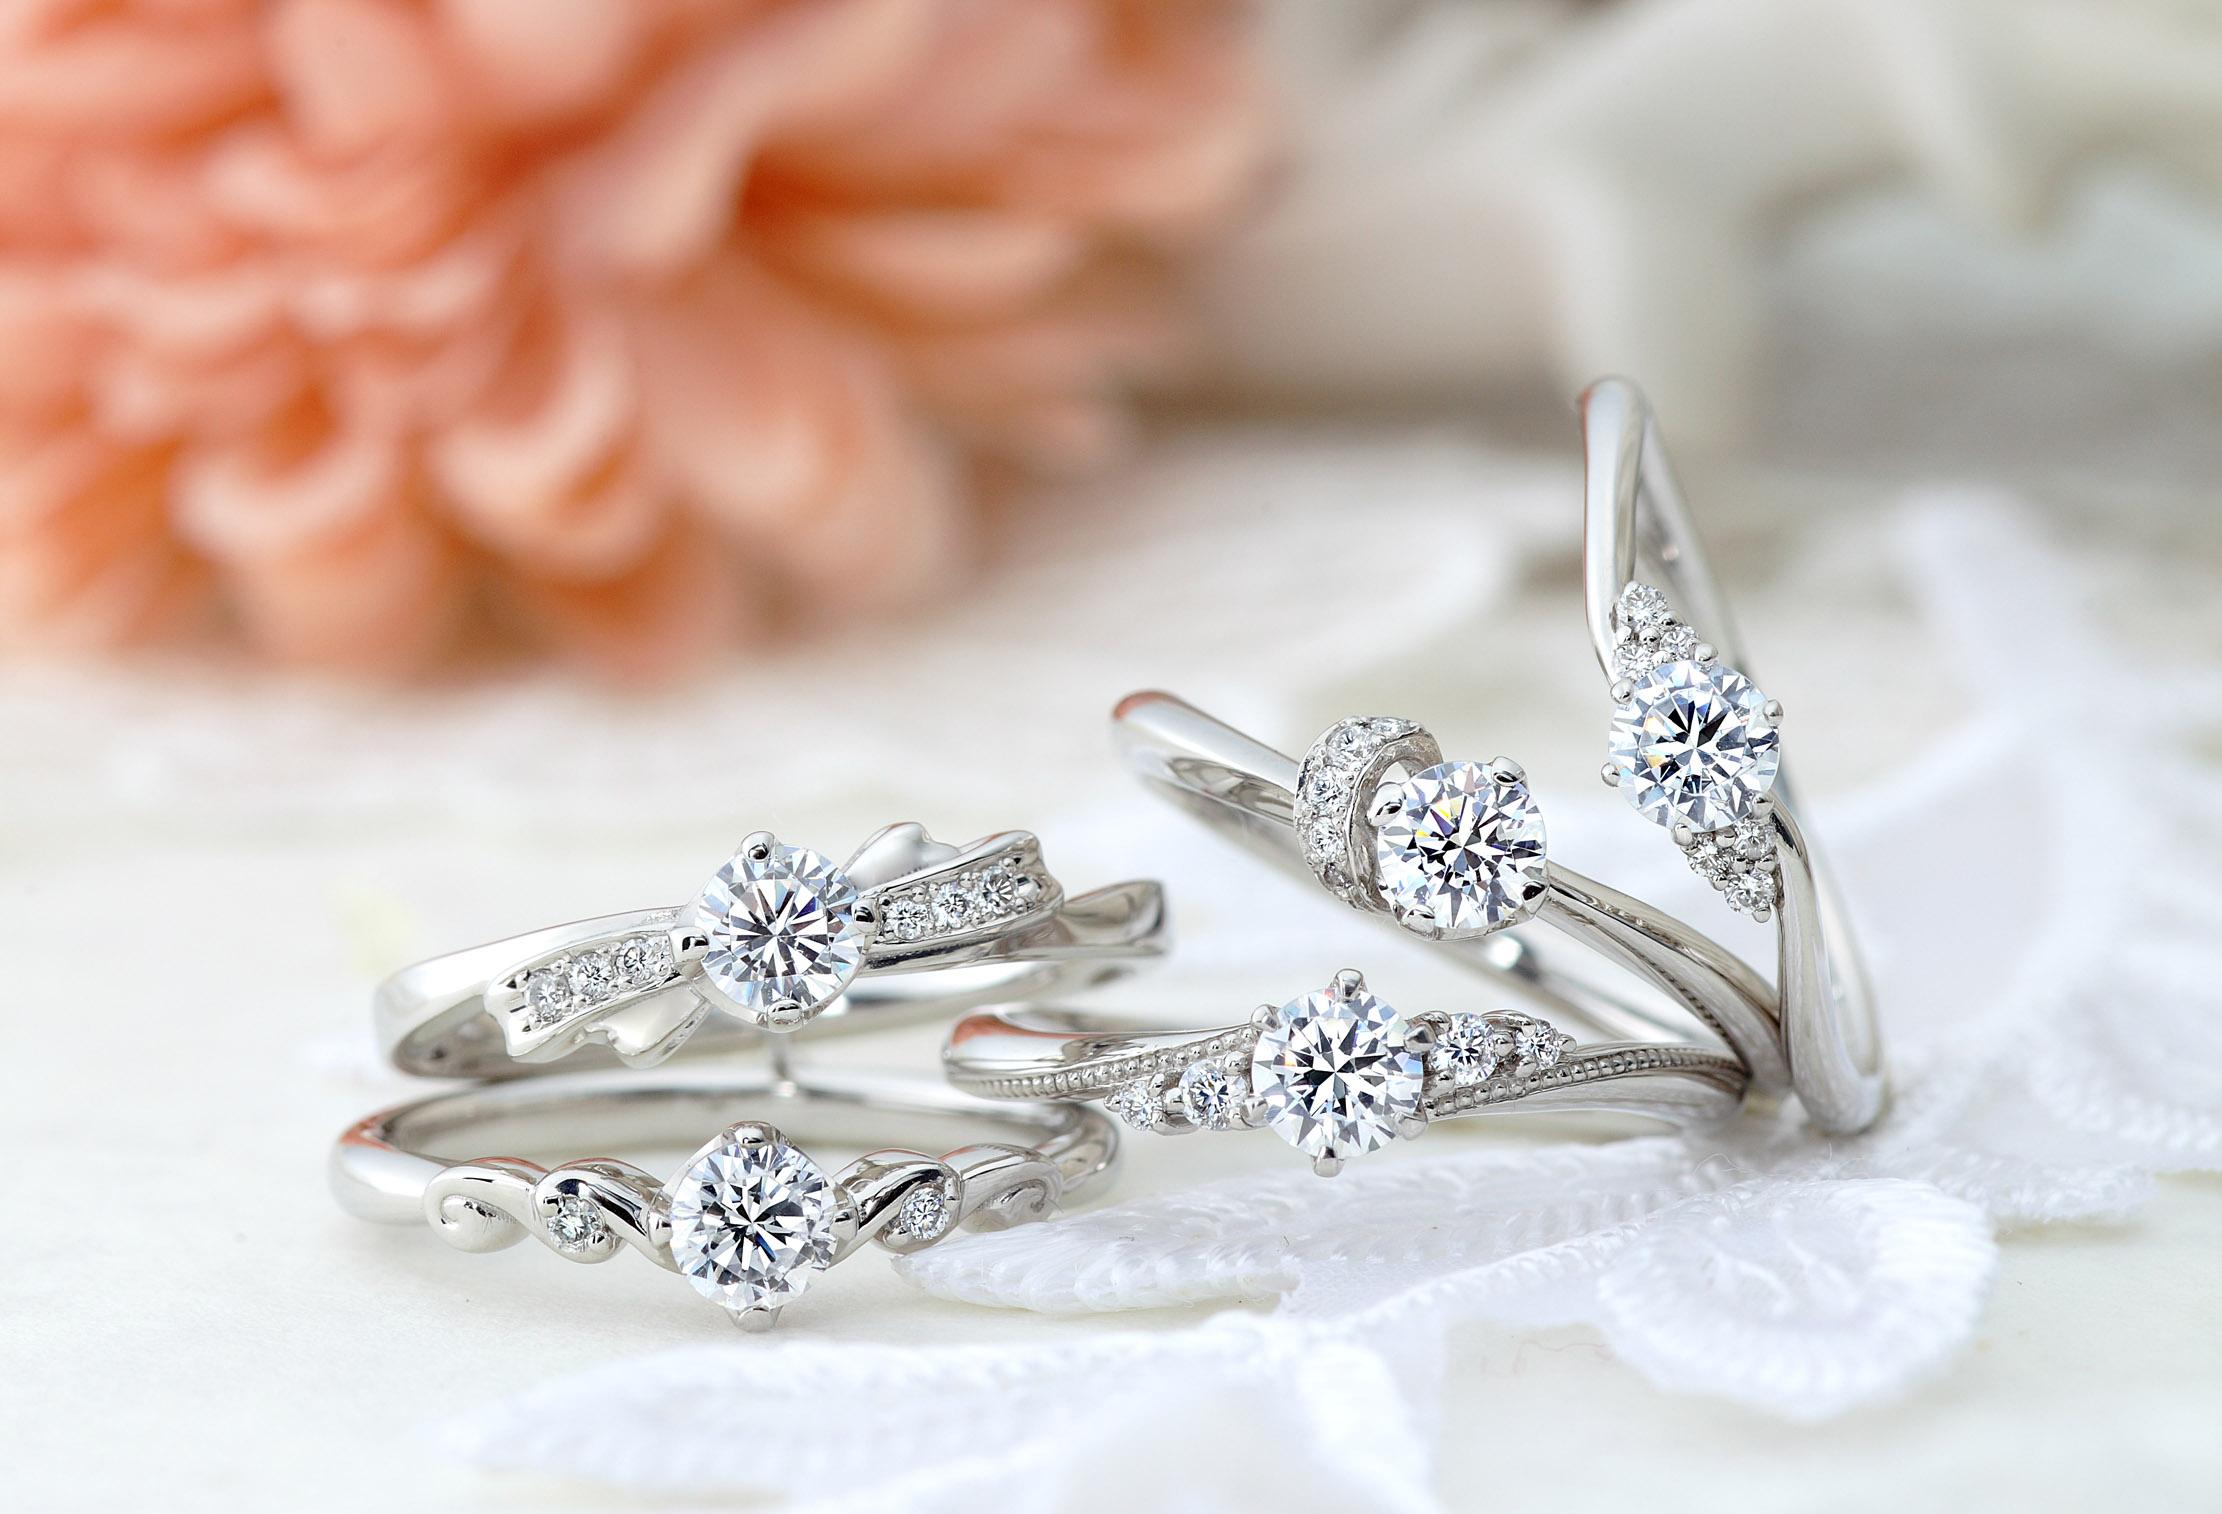 【静岡市】プロポーズから始まる「素晴らしい人生」 『VIVAGE ヴィヴァージュ』の婚約指輪♡